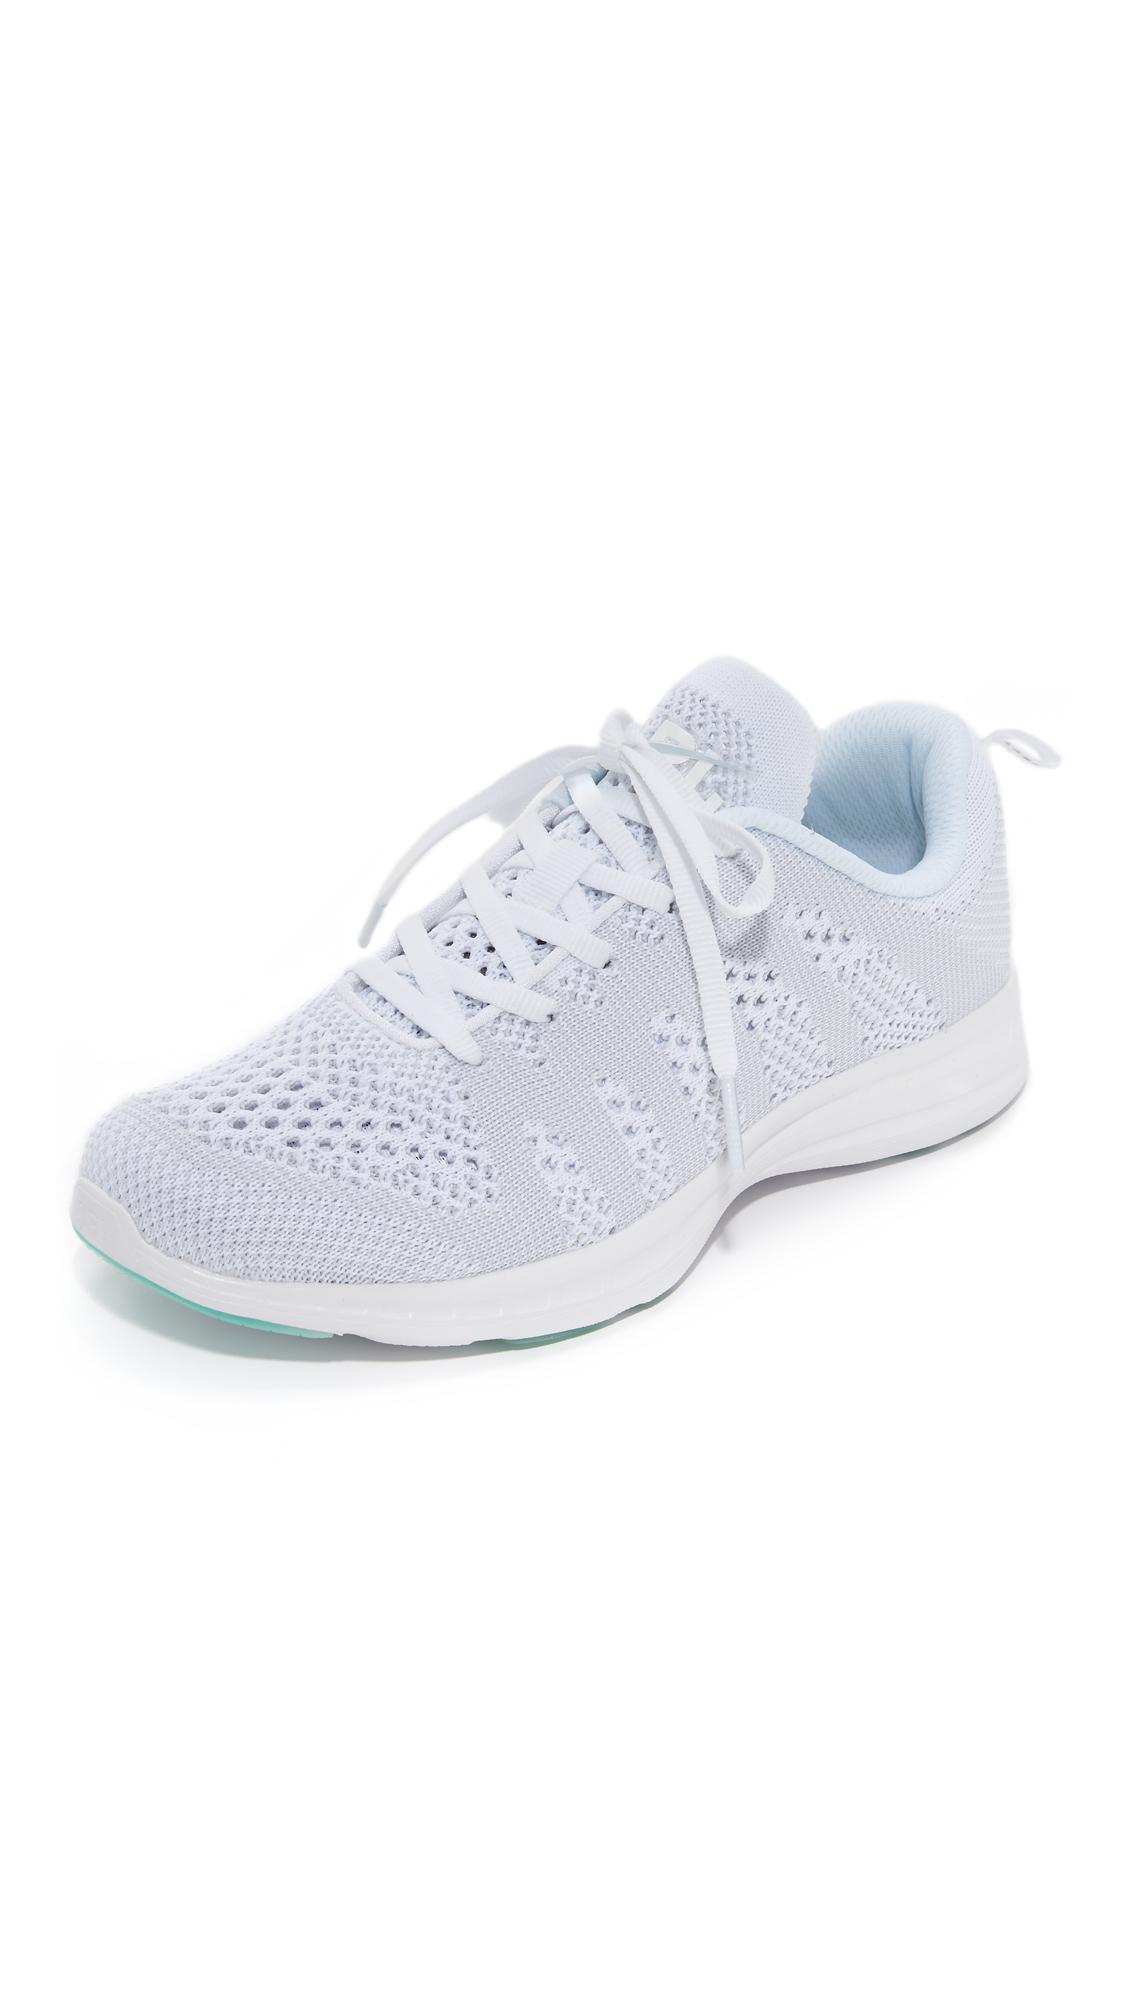 apl athletic propulsion labs female apl athletic propulsion labs techloom pro sneakers whitesteel grey